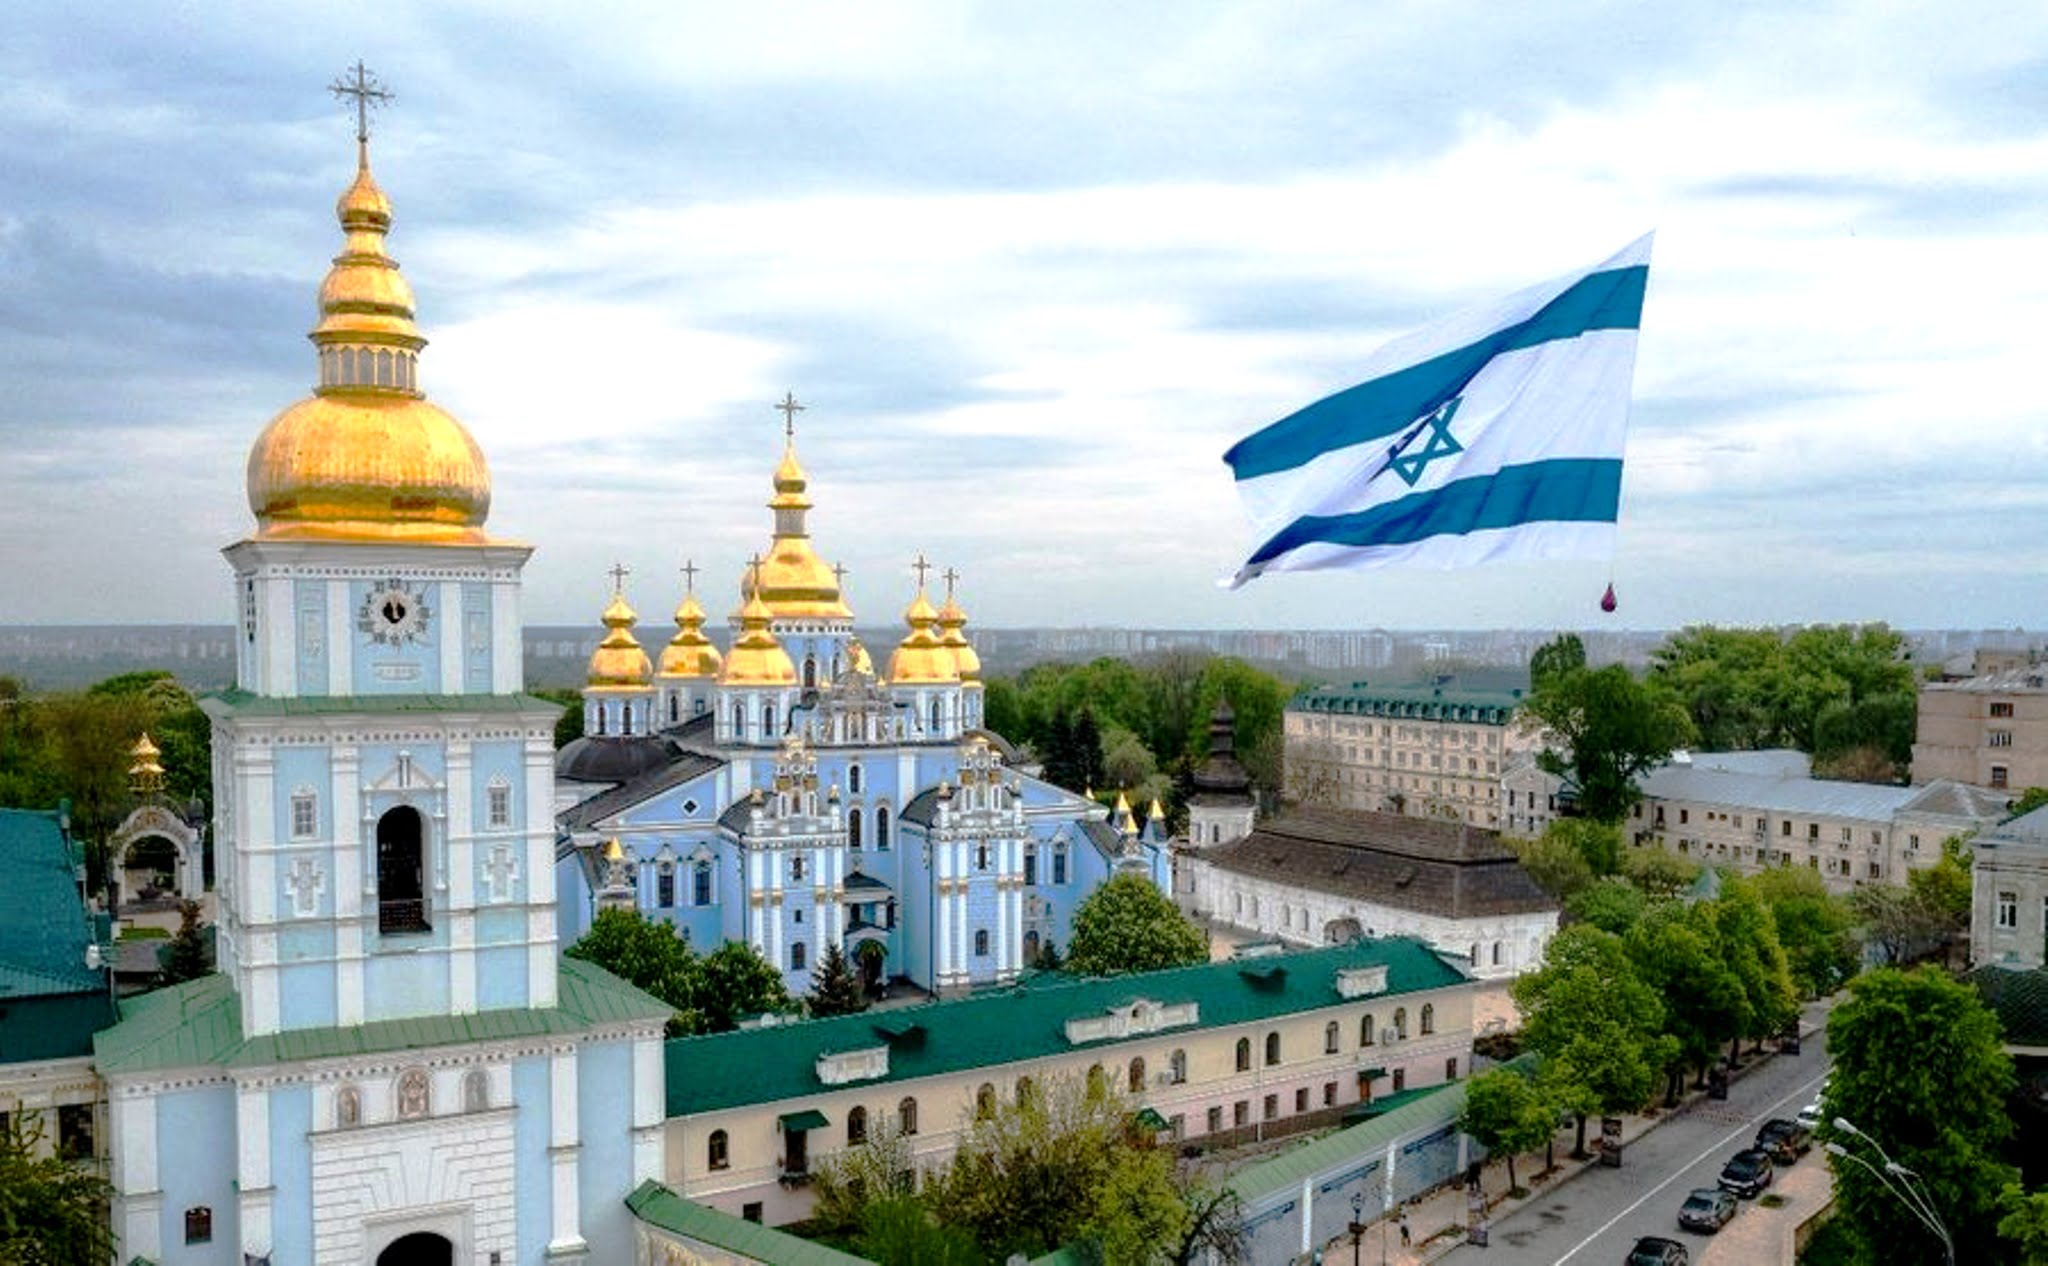 Κιέβο: εδώ που σχίσθηκε η Ορθοδοξία κι άρχισε το ξέφτισμα…ισραηλινή σημαία 40μ. κυματίζει…..ΑΠΙΣΤΕΥΤΟ